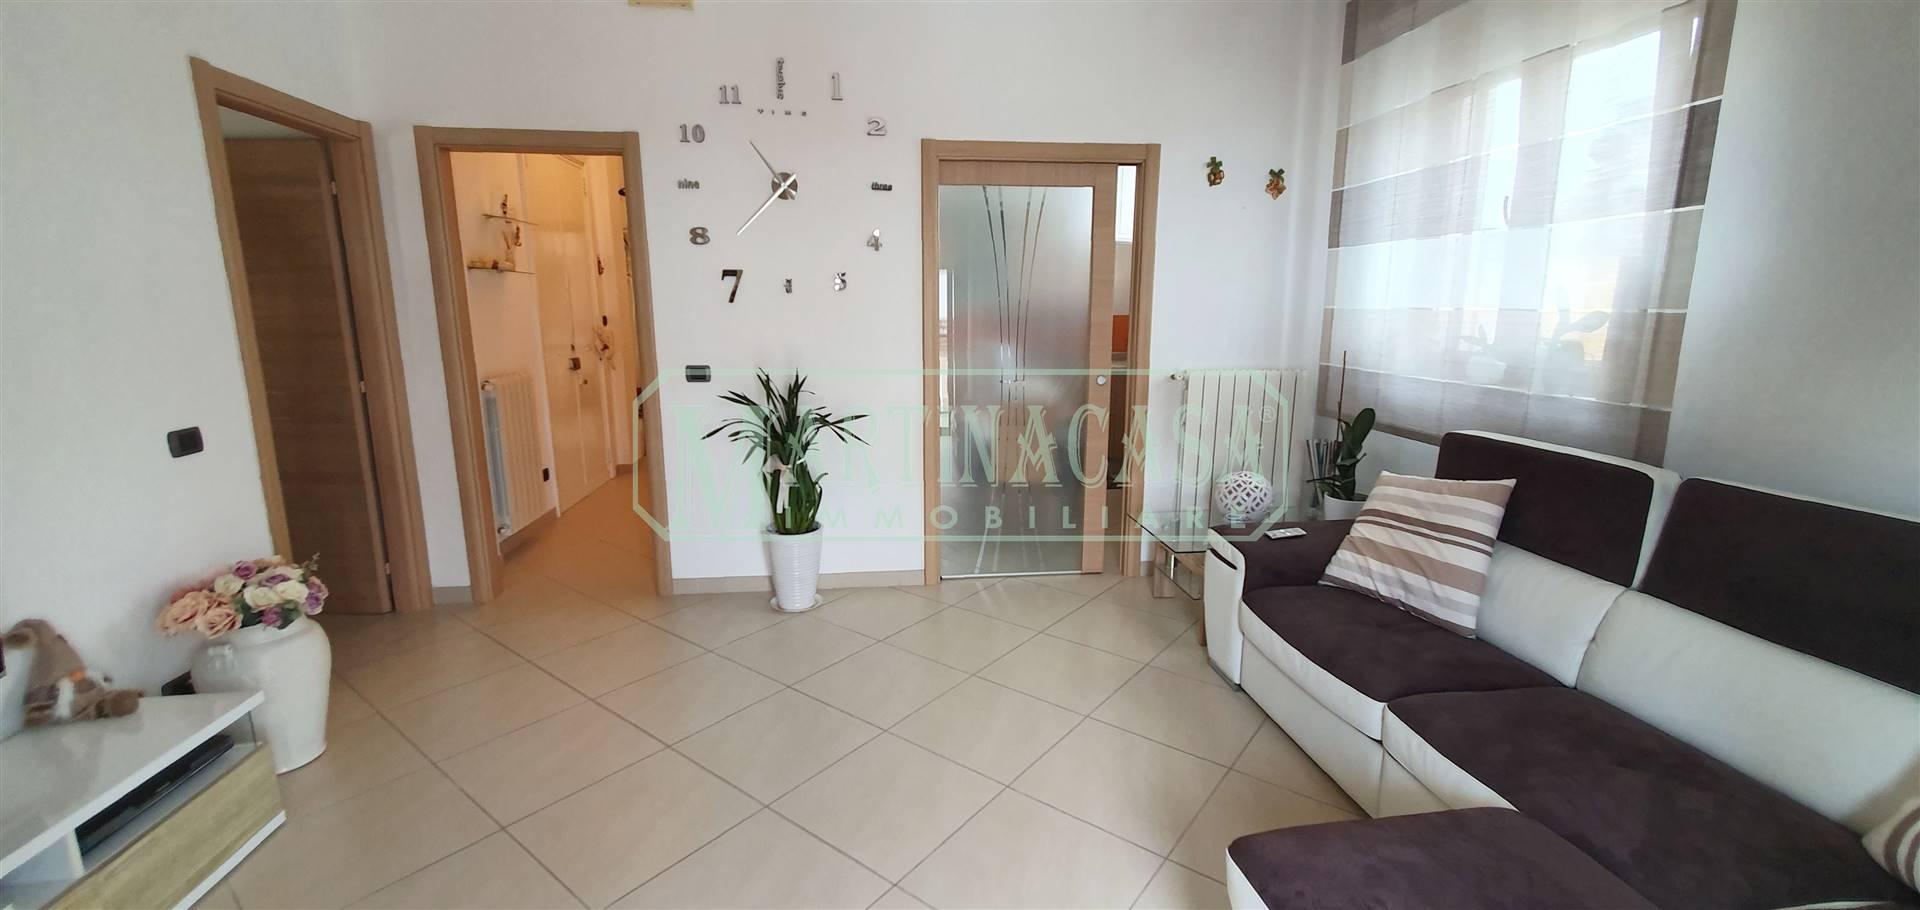 Appartamento in vendita a Martina Franca, 3 locali, zona Località: CENTRO STORICO, prezzo € 125.000 | CambioCasa.it